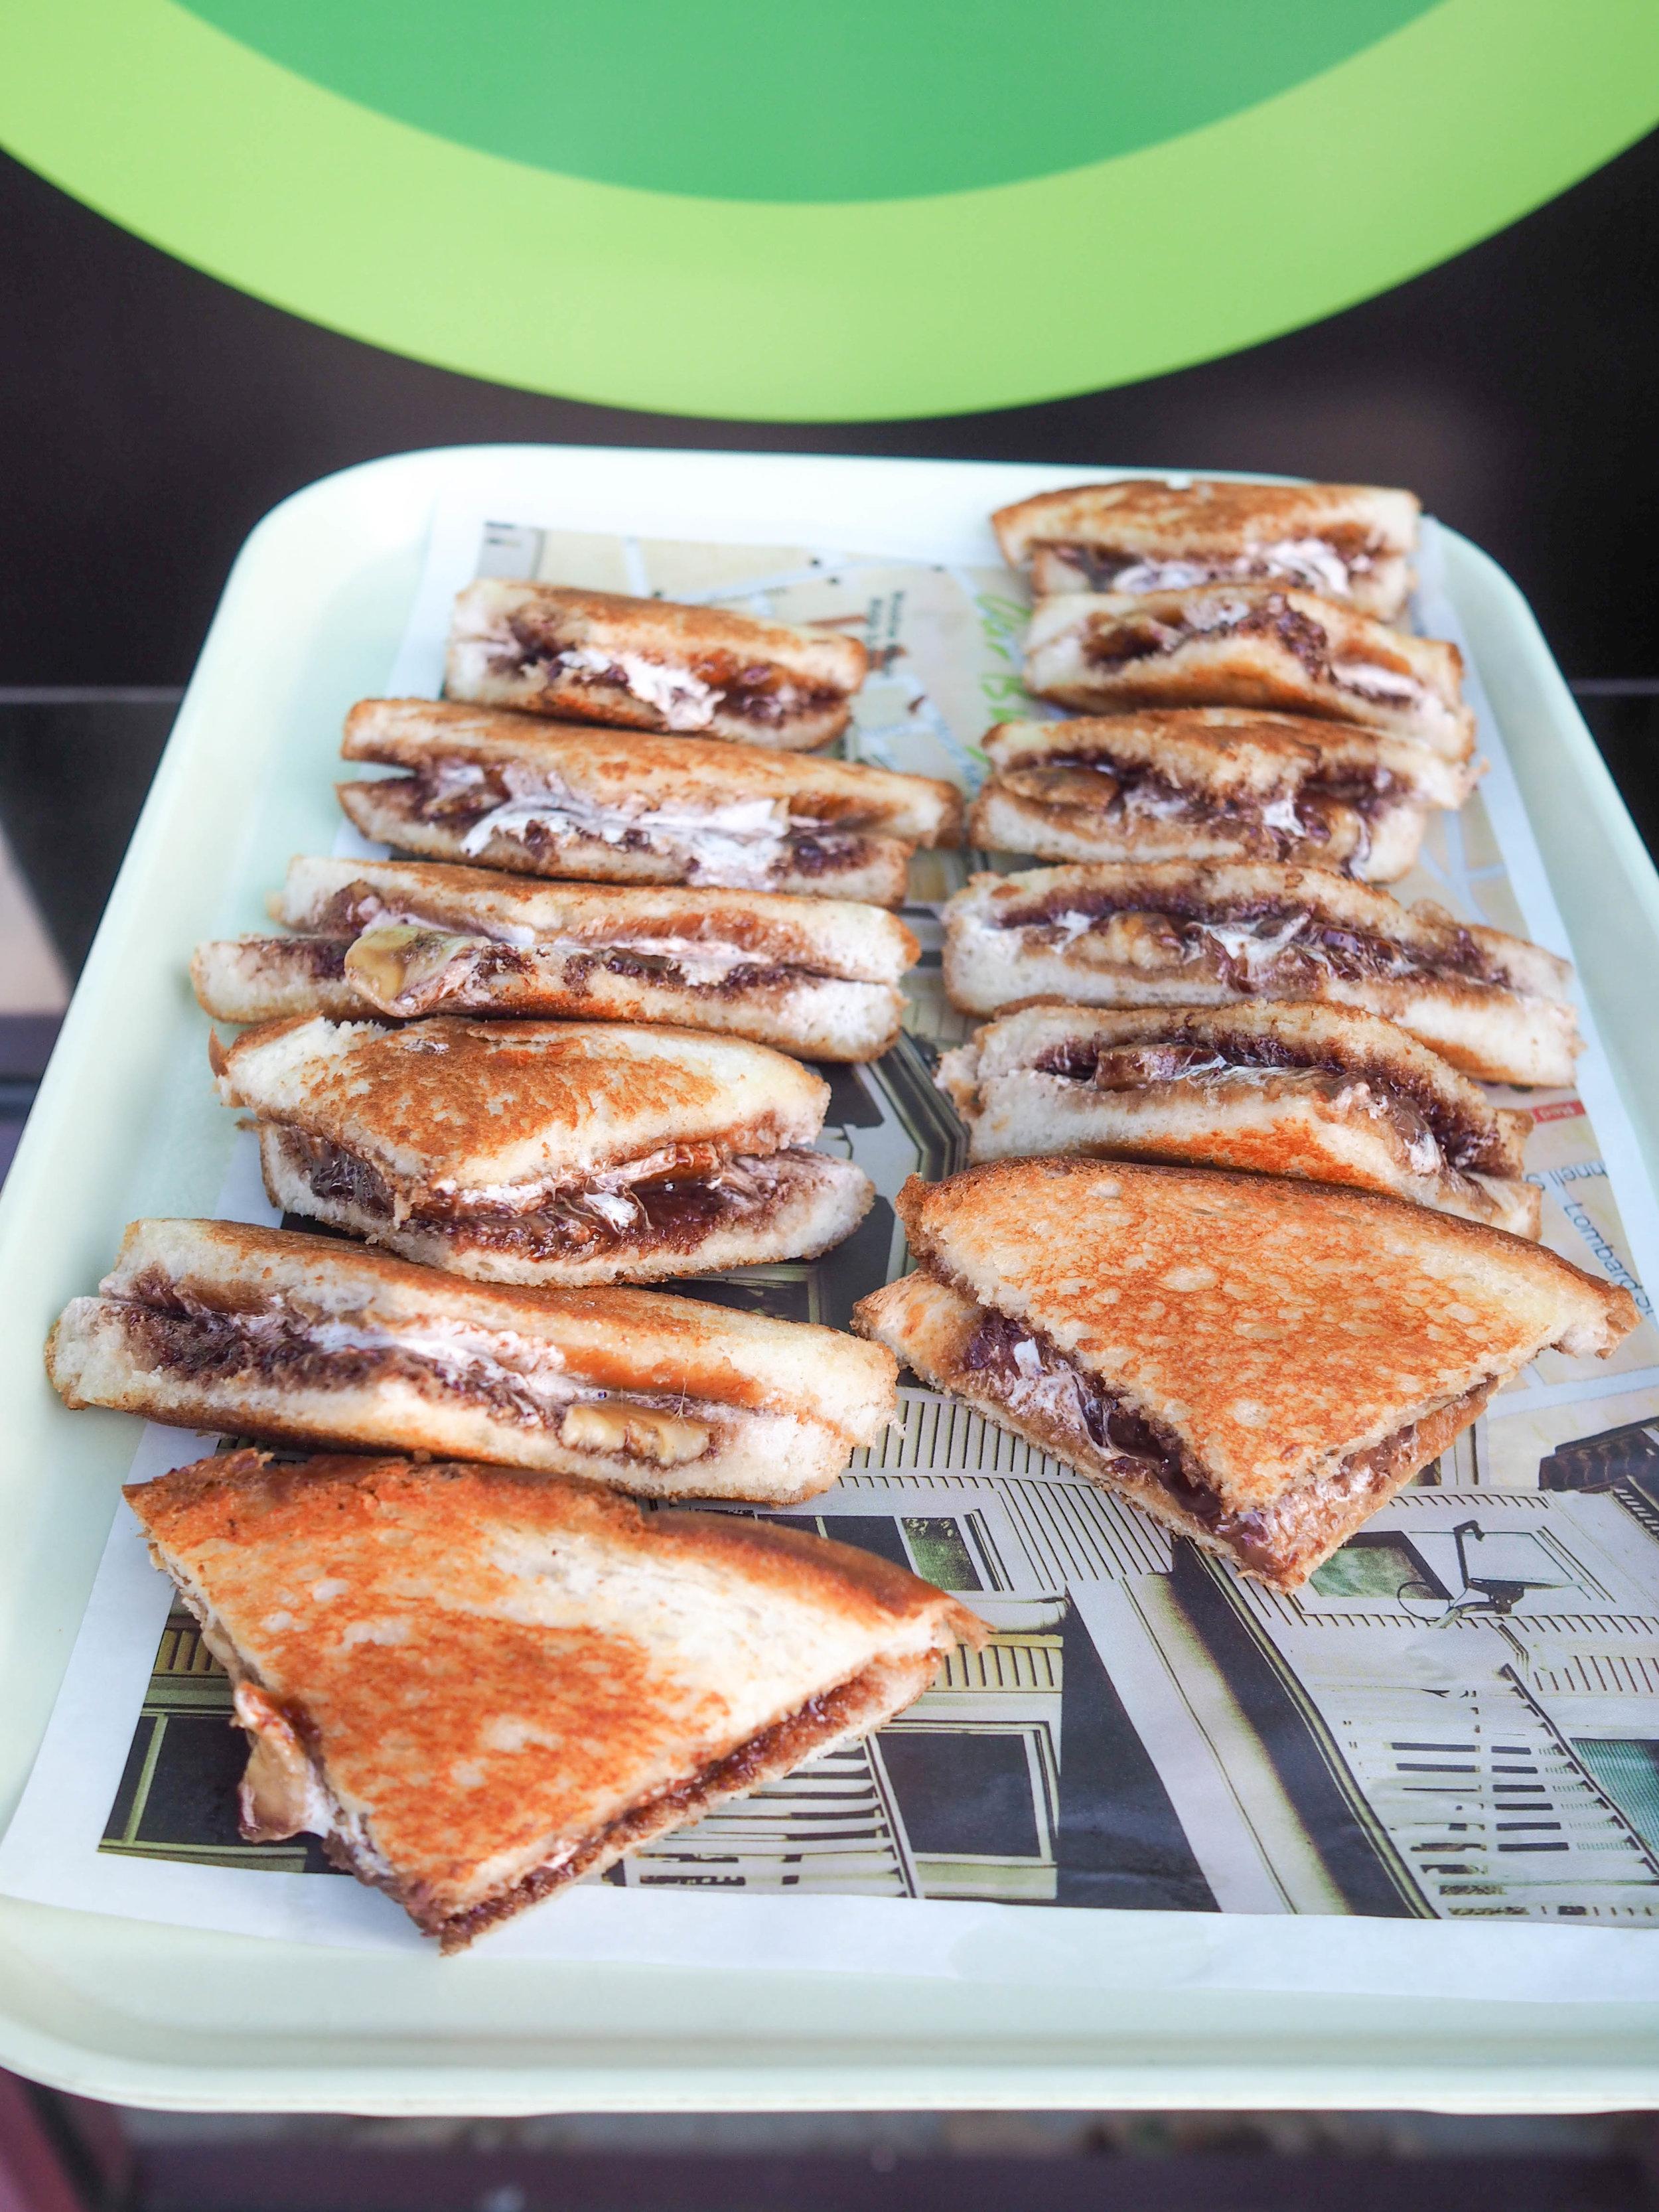 Grilled Fluffanutta - fresh sliced banana, peanut butter, fluff & Nutella